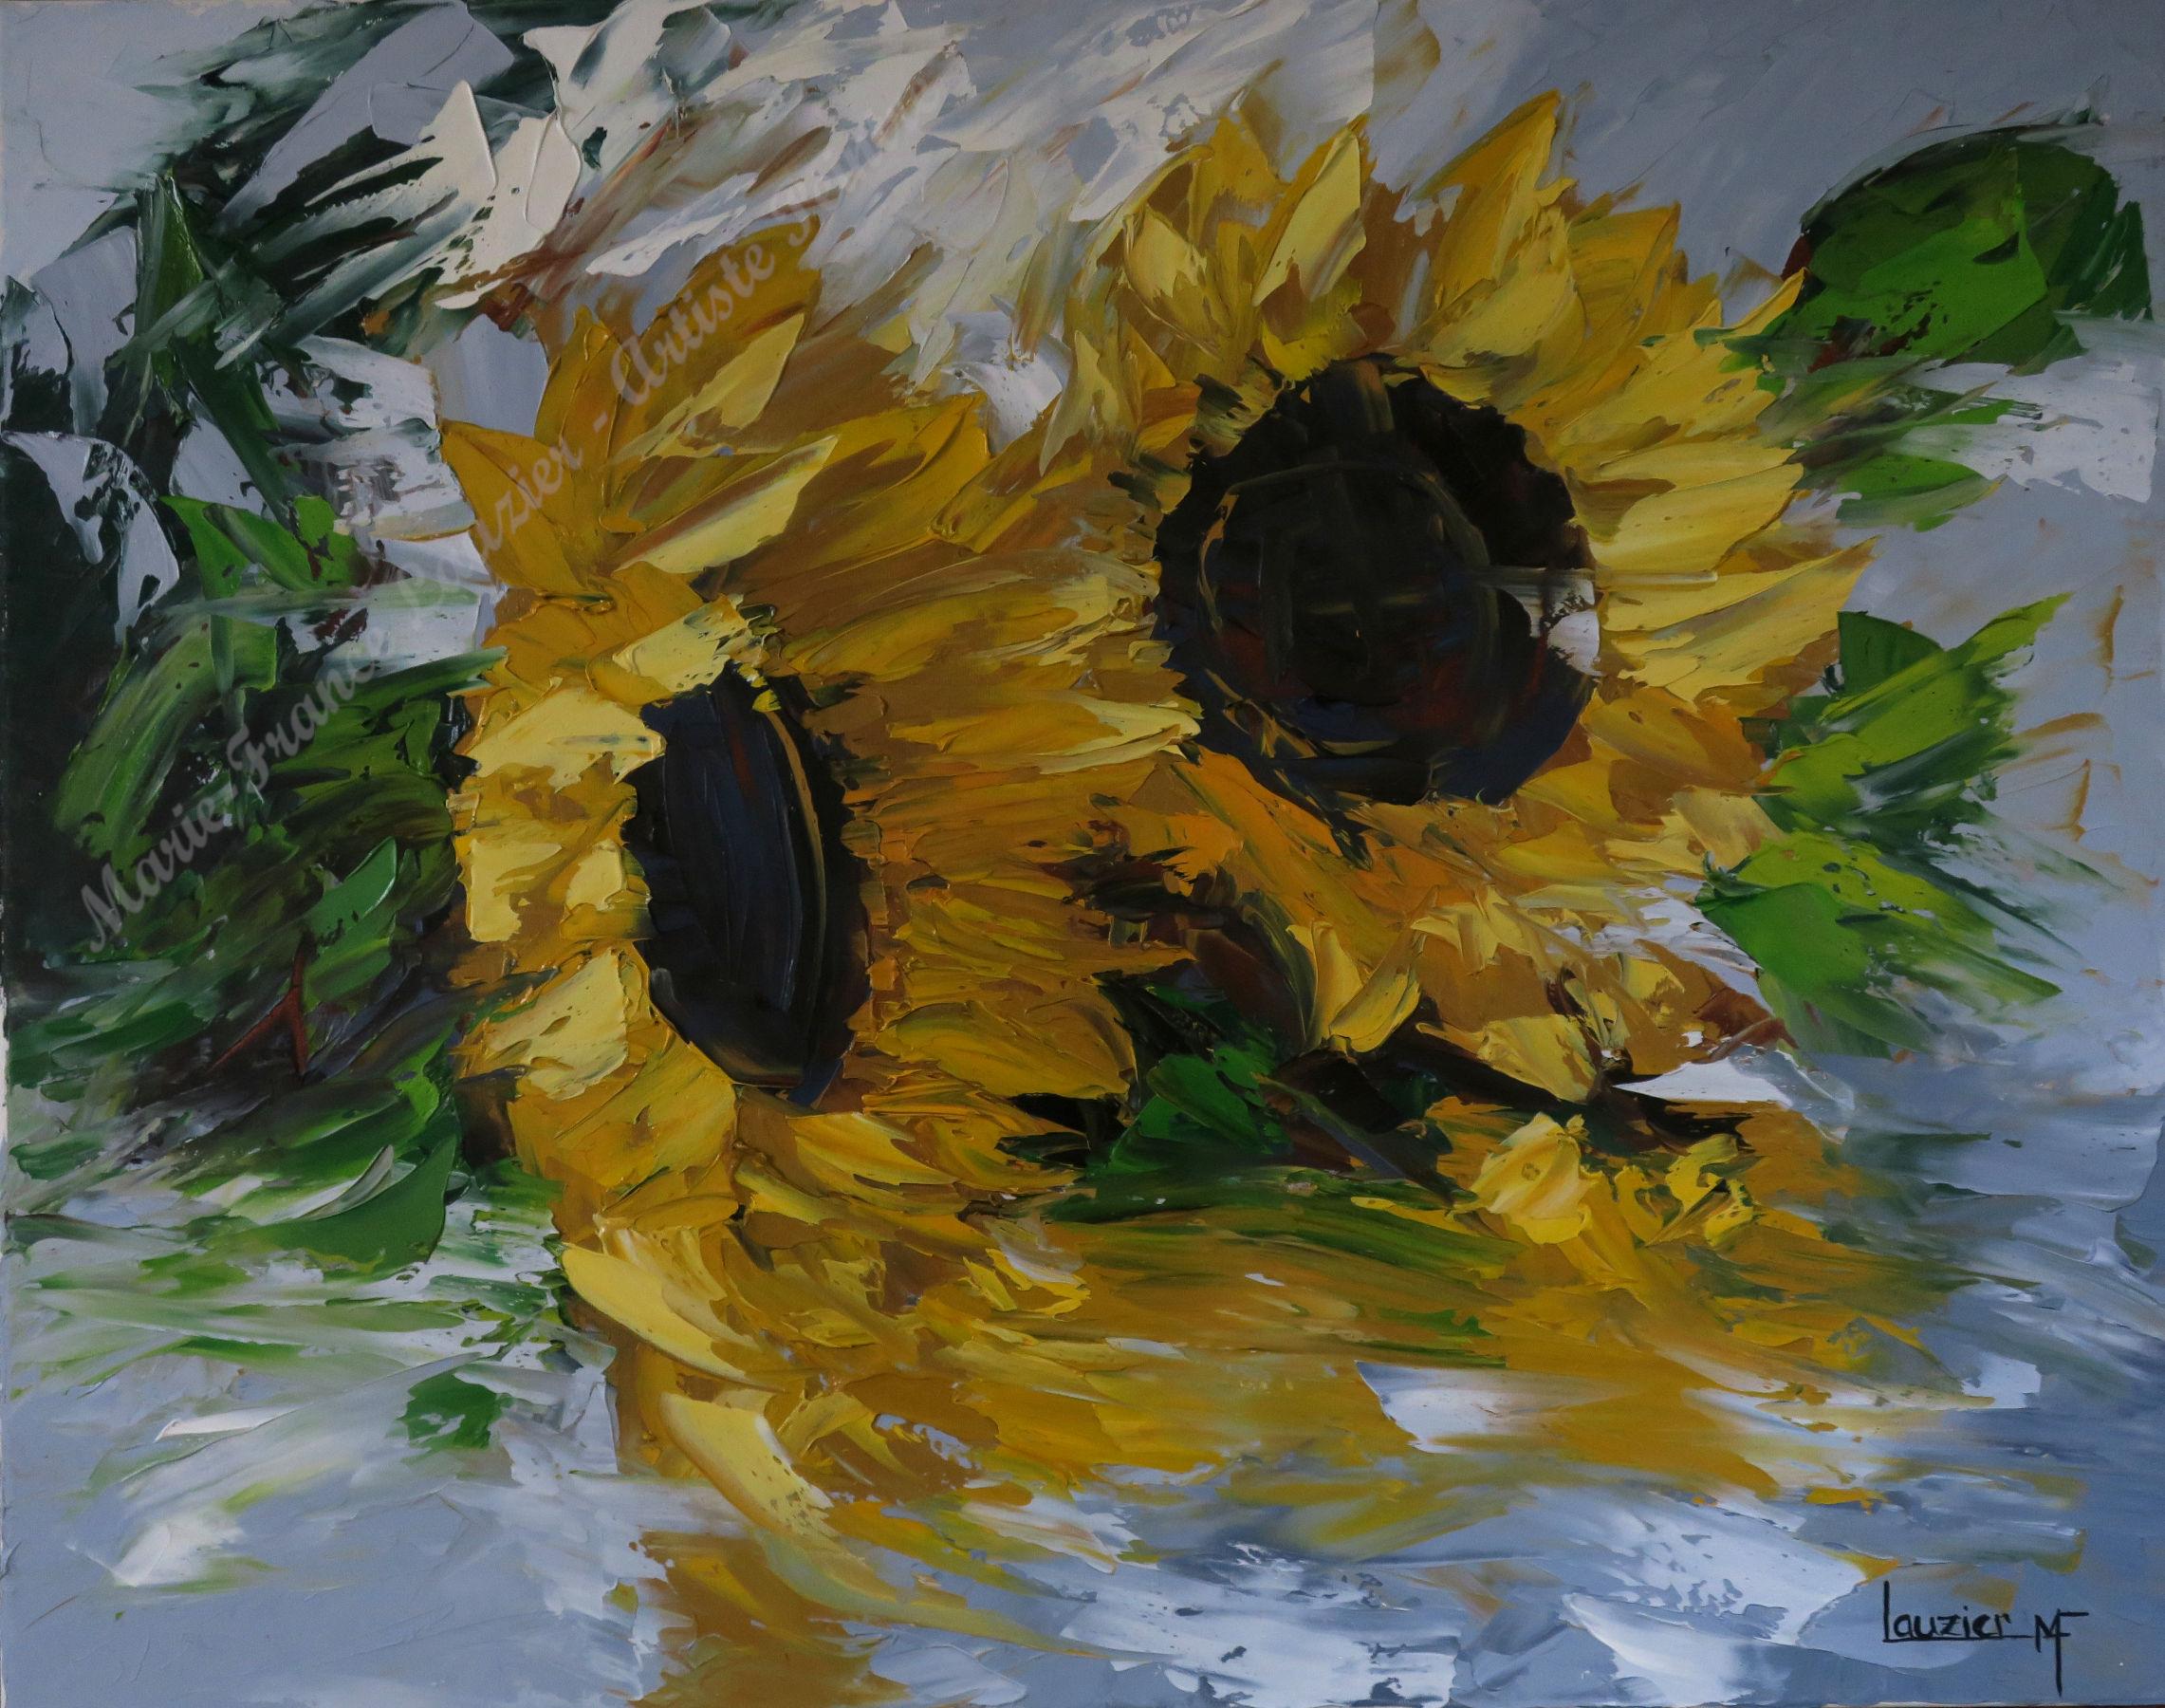 Tournez tournesosls Huile sur toile Marie-France Lauzier - Bouquet de tournesols tournés vers la droite